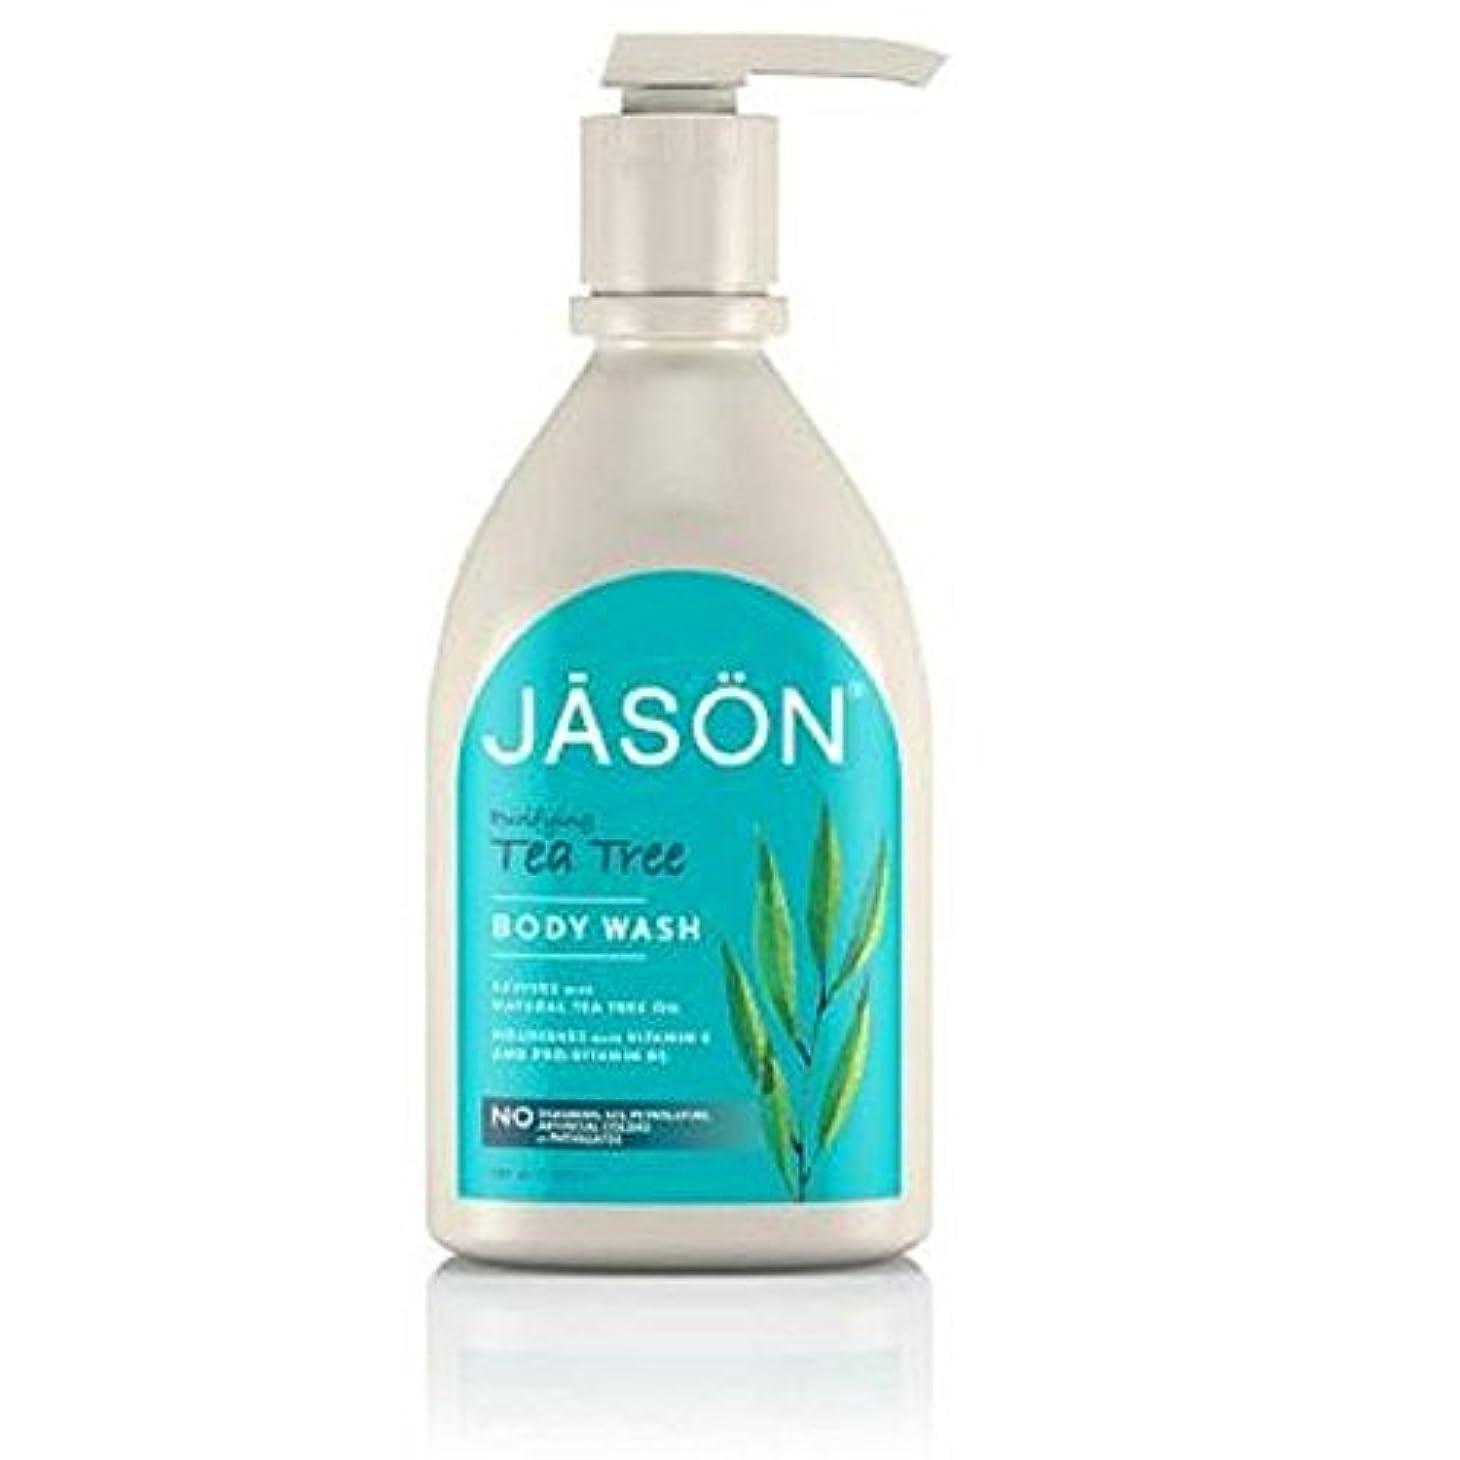 トーストに負けるいとこジェイソン?ティーツリーサテンボディウォッシュポンプ900ミリリットル x4 - Jason Tea Tree Satin Body Wash Pump 900ml (Pack of 4) [並行輸入品]